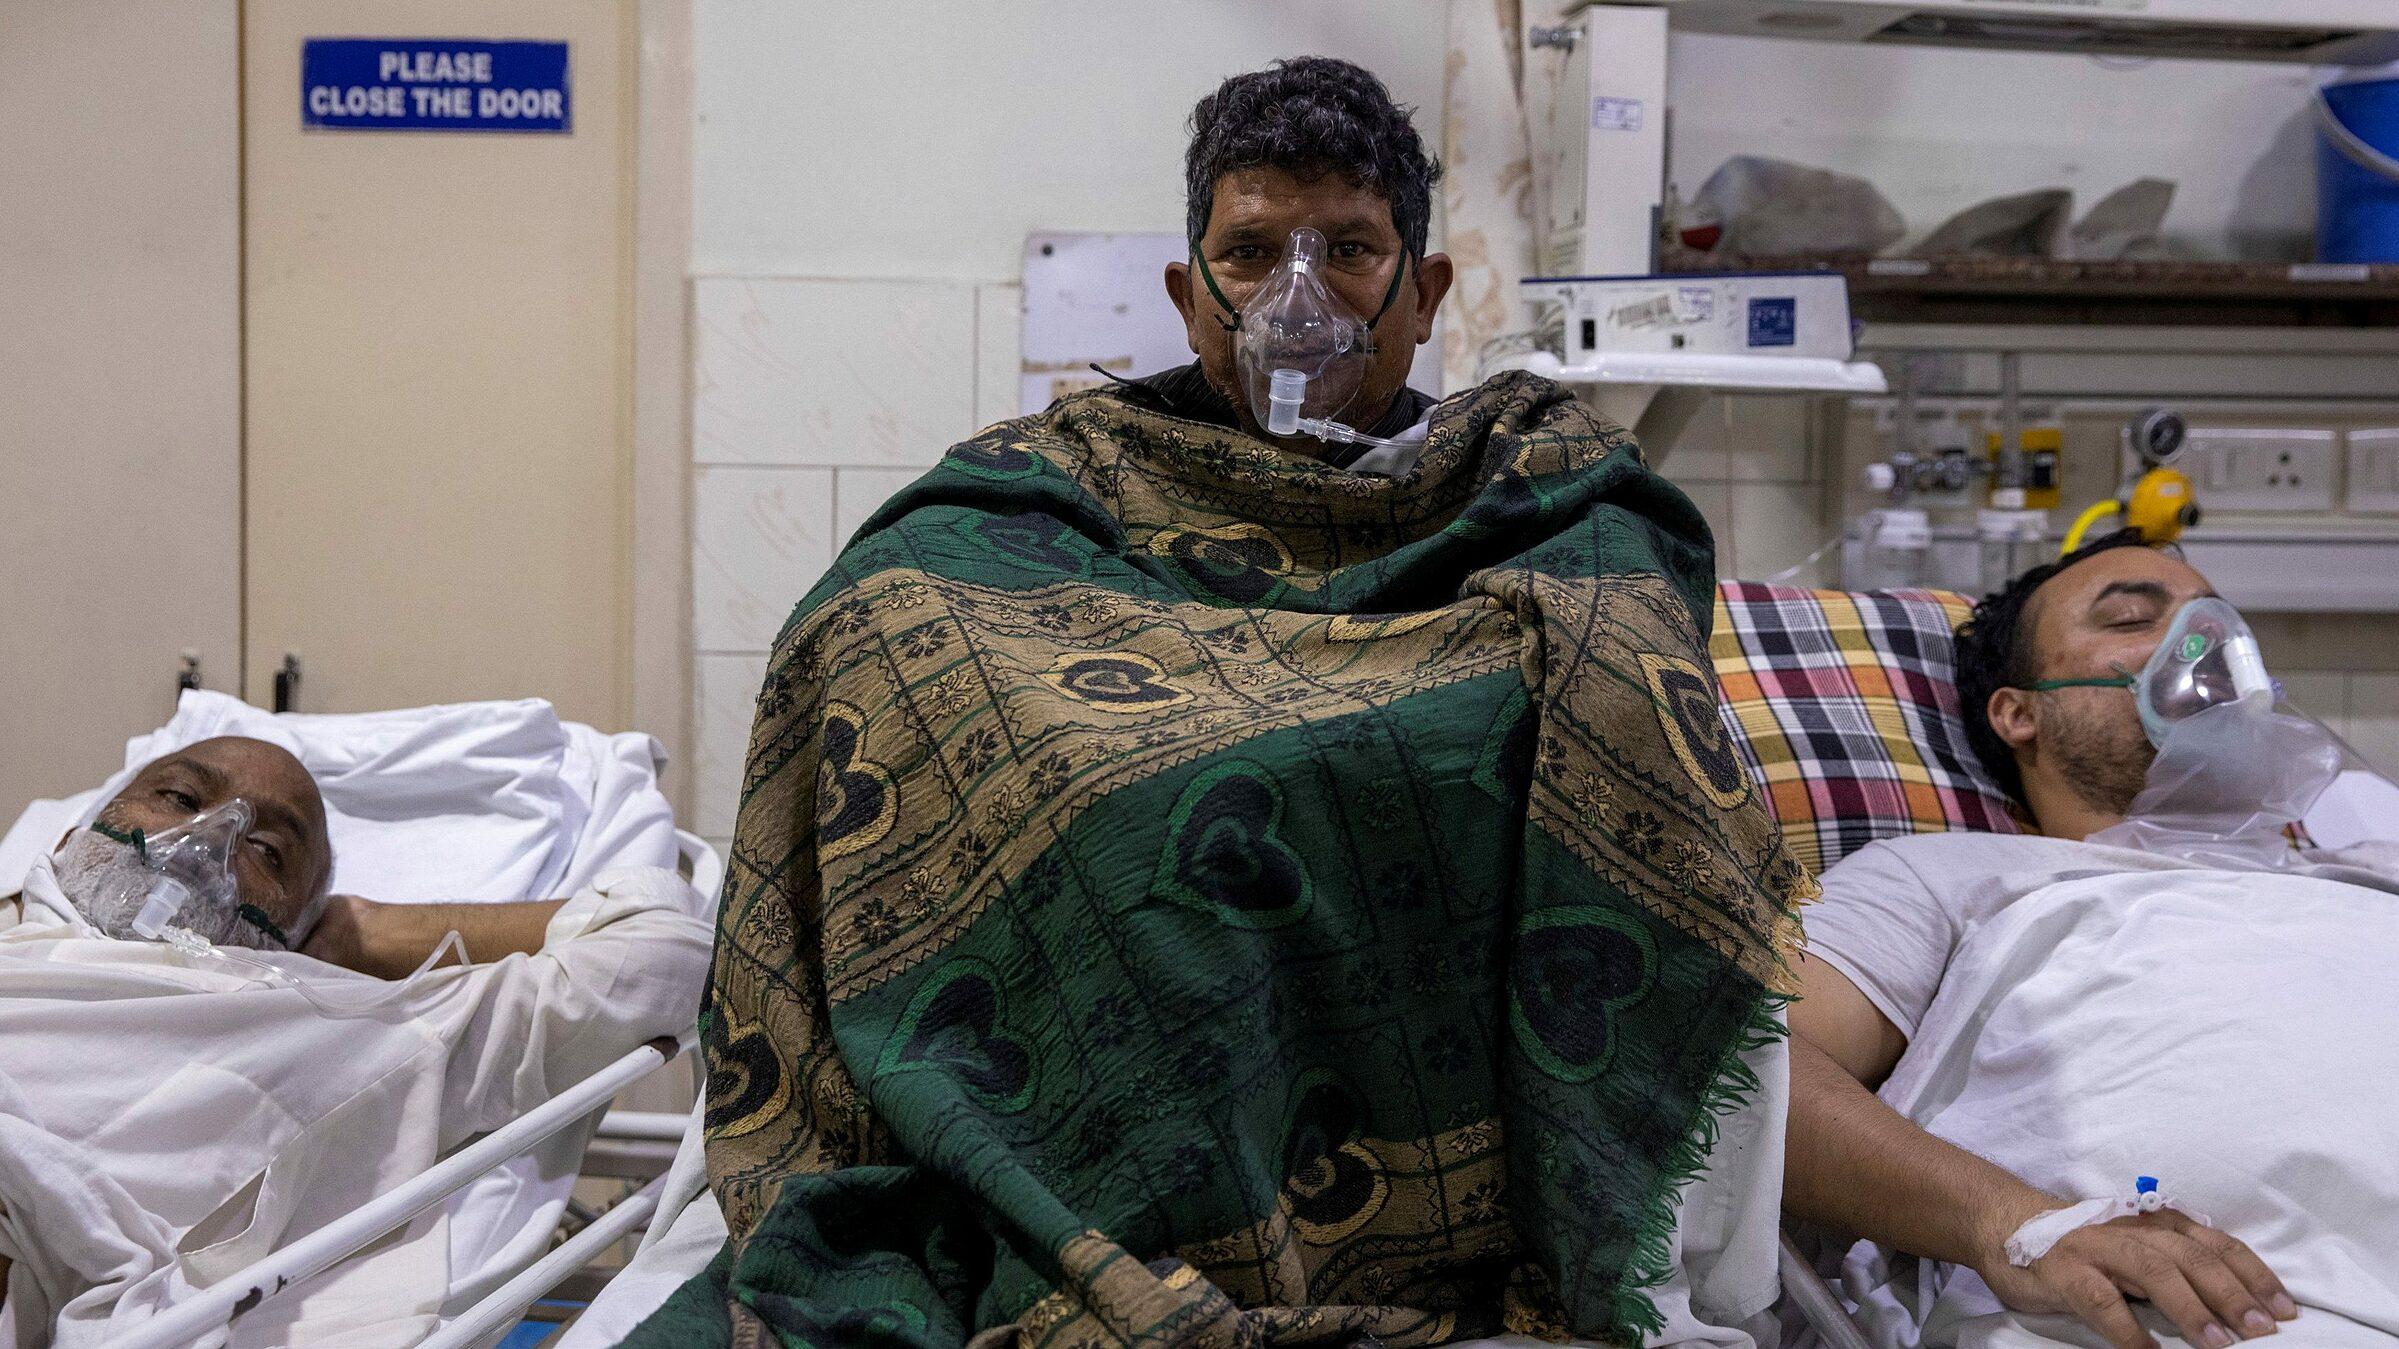 Bệnh nhân Covid-19 được điều trị tại phòng cấp cứu Bệnh viện Holy Family ở New Delhi, ngày 29/4. Ảnh:.Reuters.